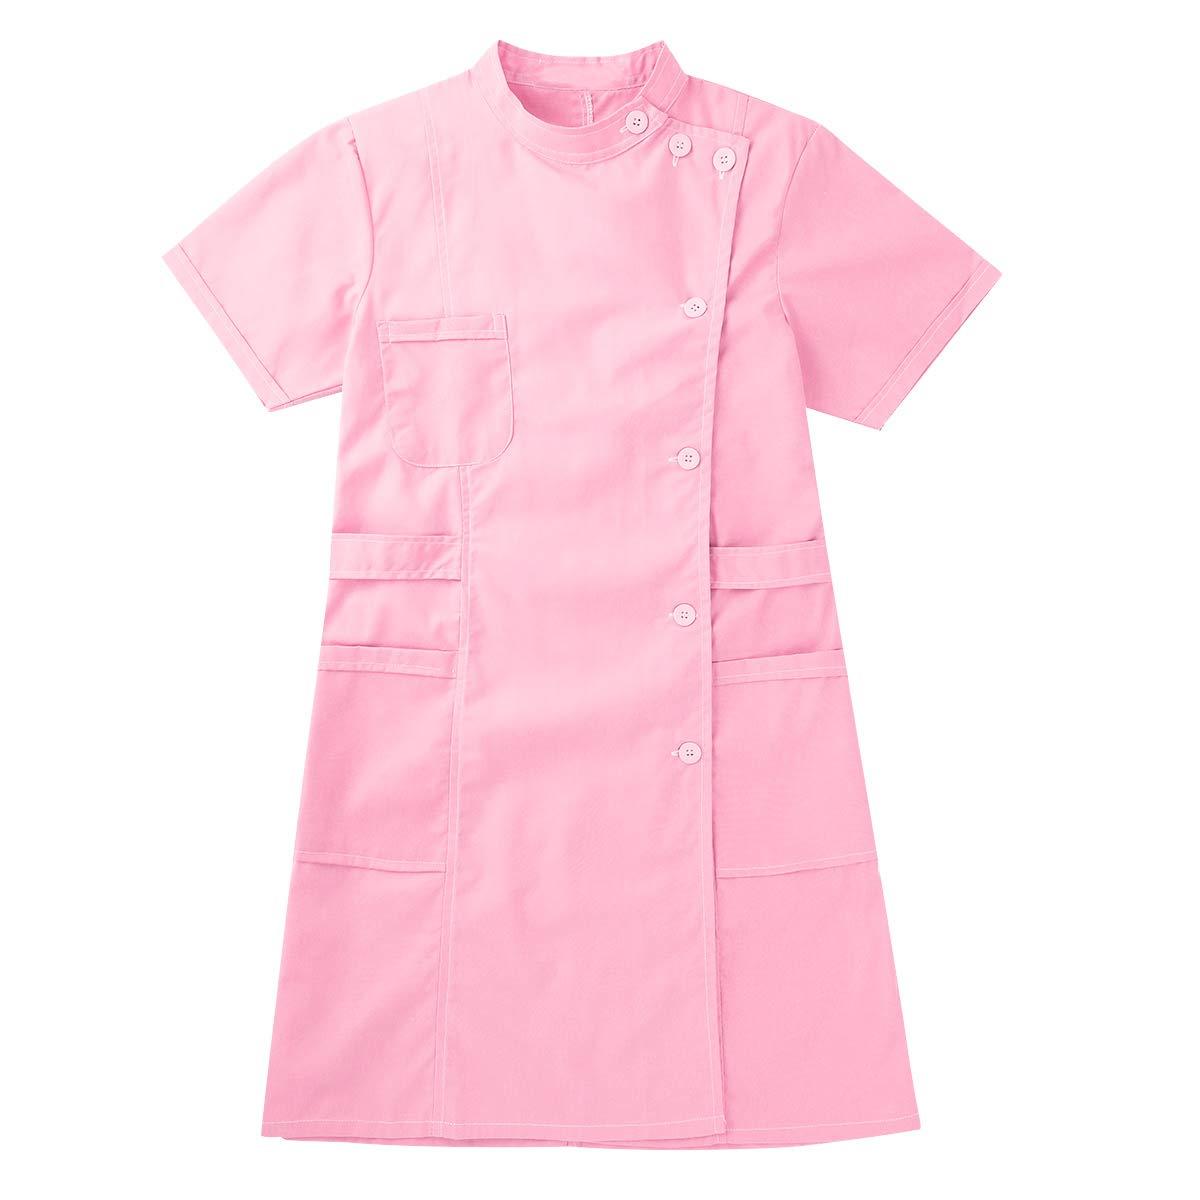 TiaoBug Unisex Batas Laboral de Trabajo para Peluquer/ía Est/ética de SPA Uniforme Sanitario Empleados Profesional Casaca con Bolsillo Disfraces Adultos de M/édico Enfermera